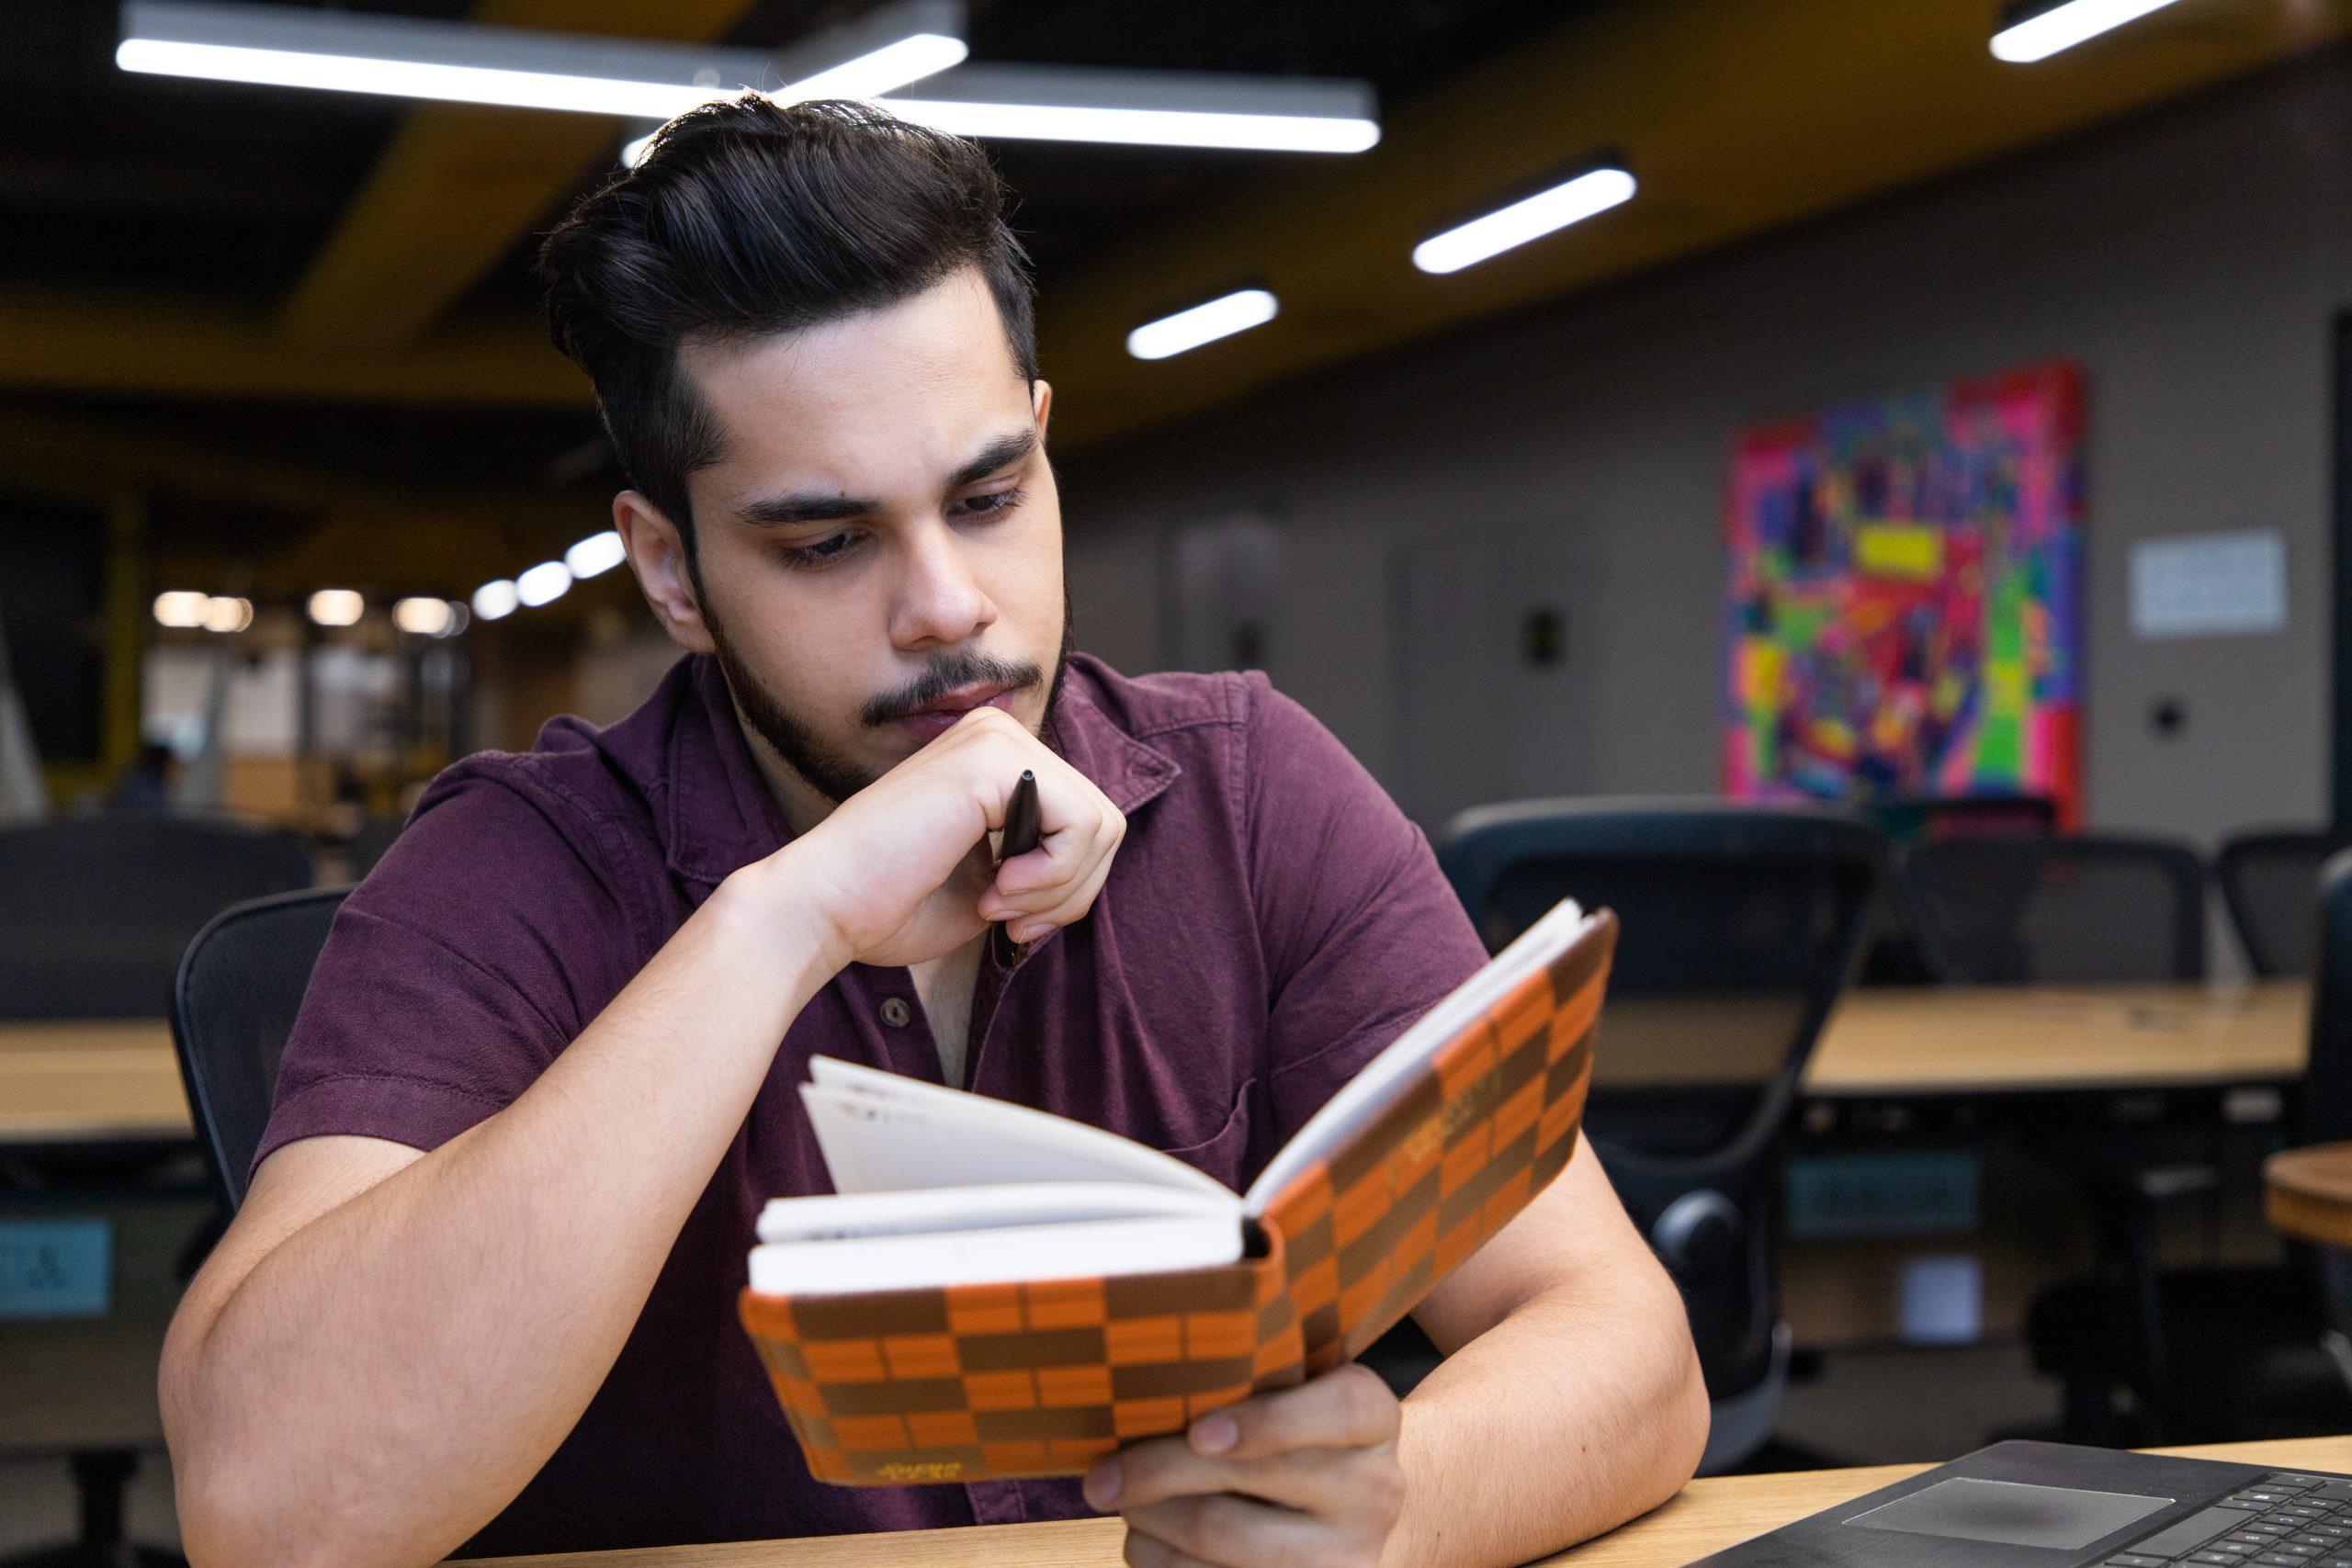 Man reading diary